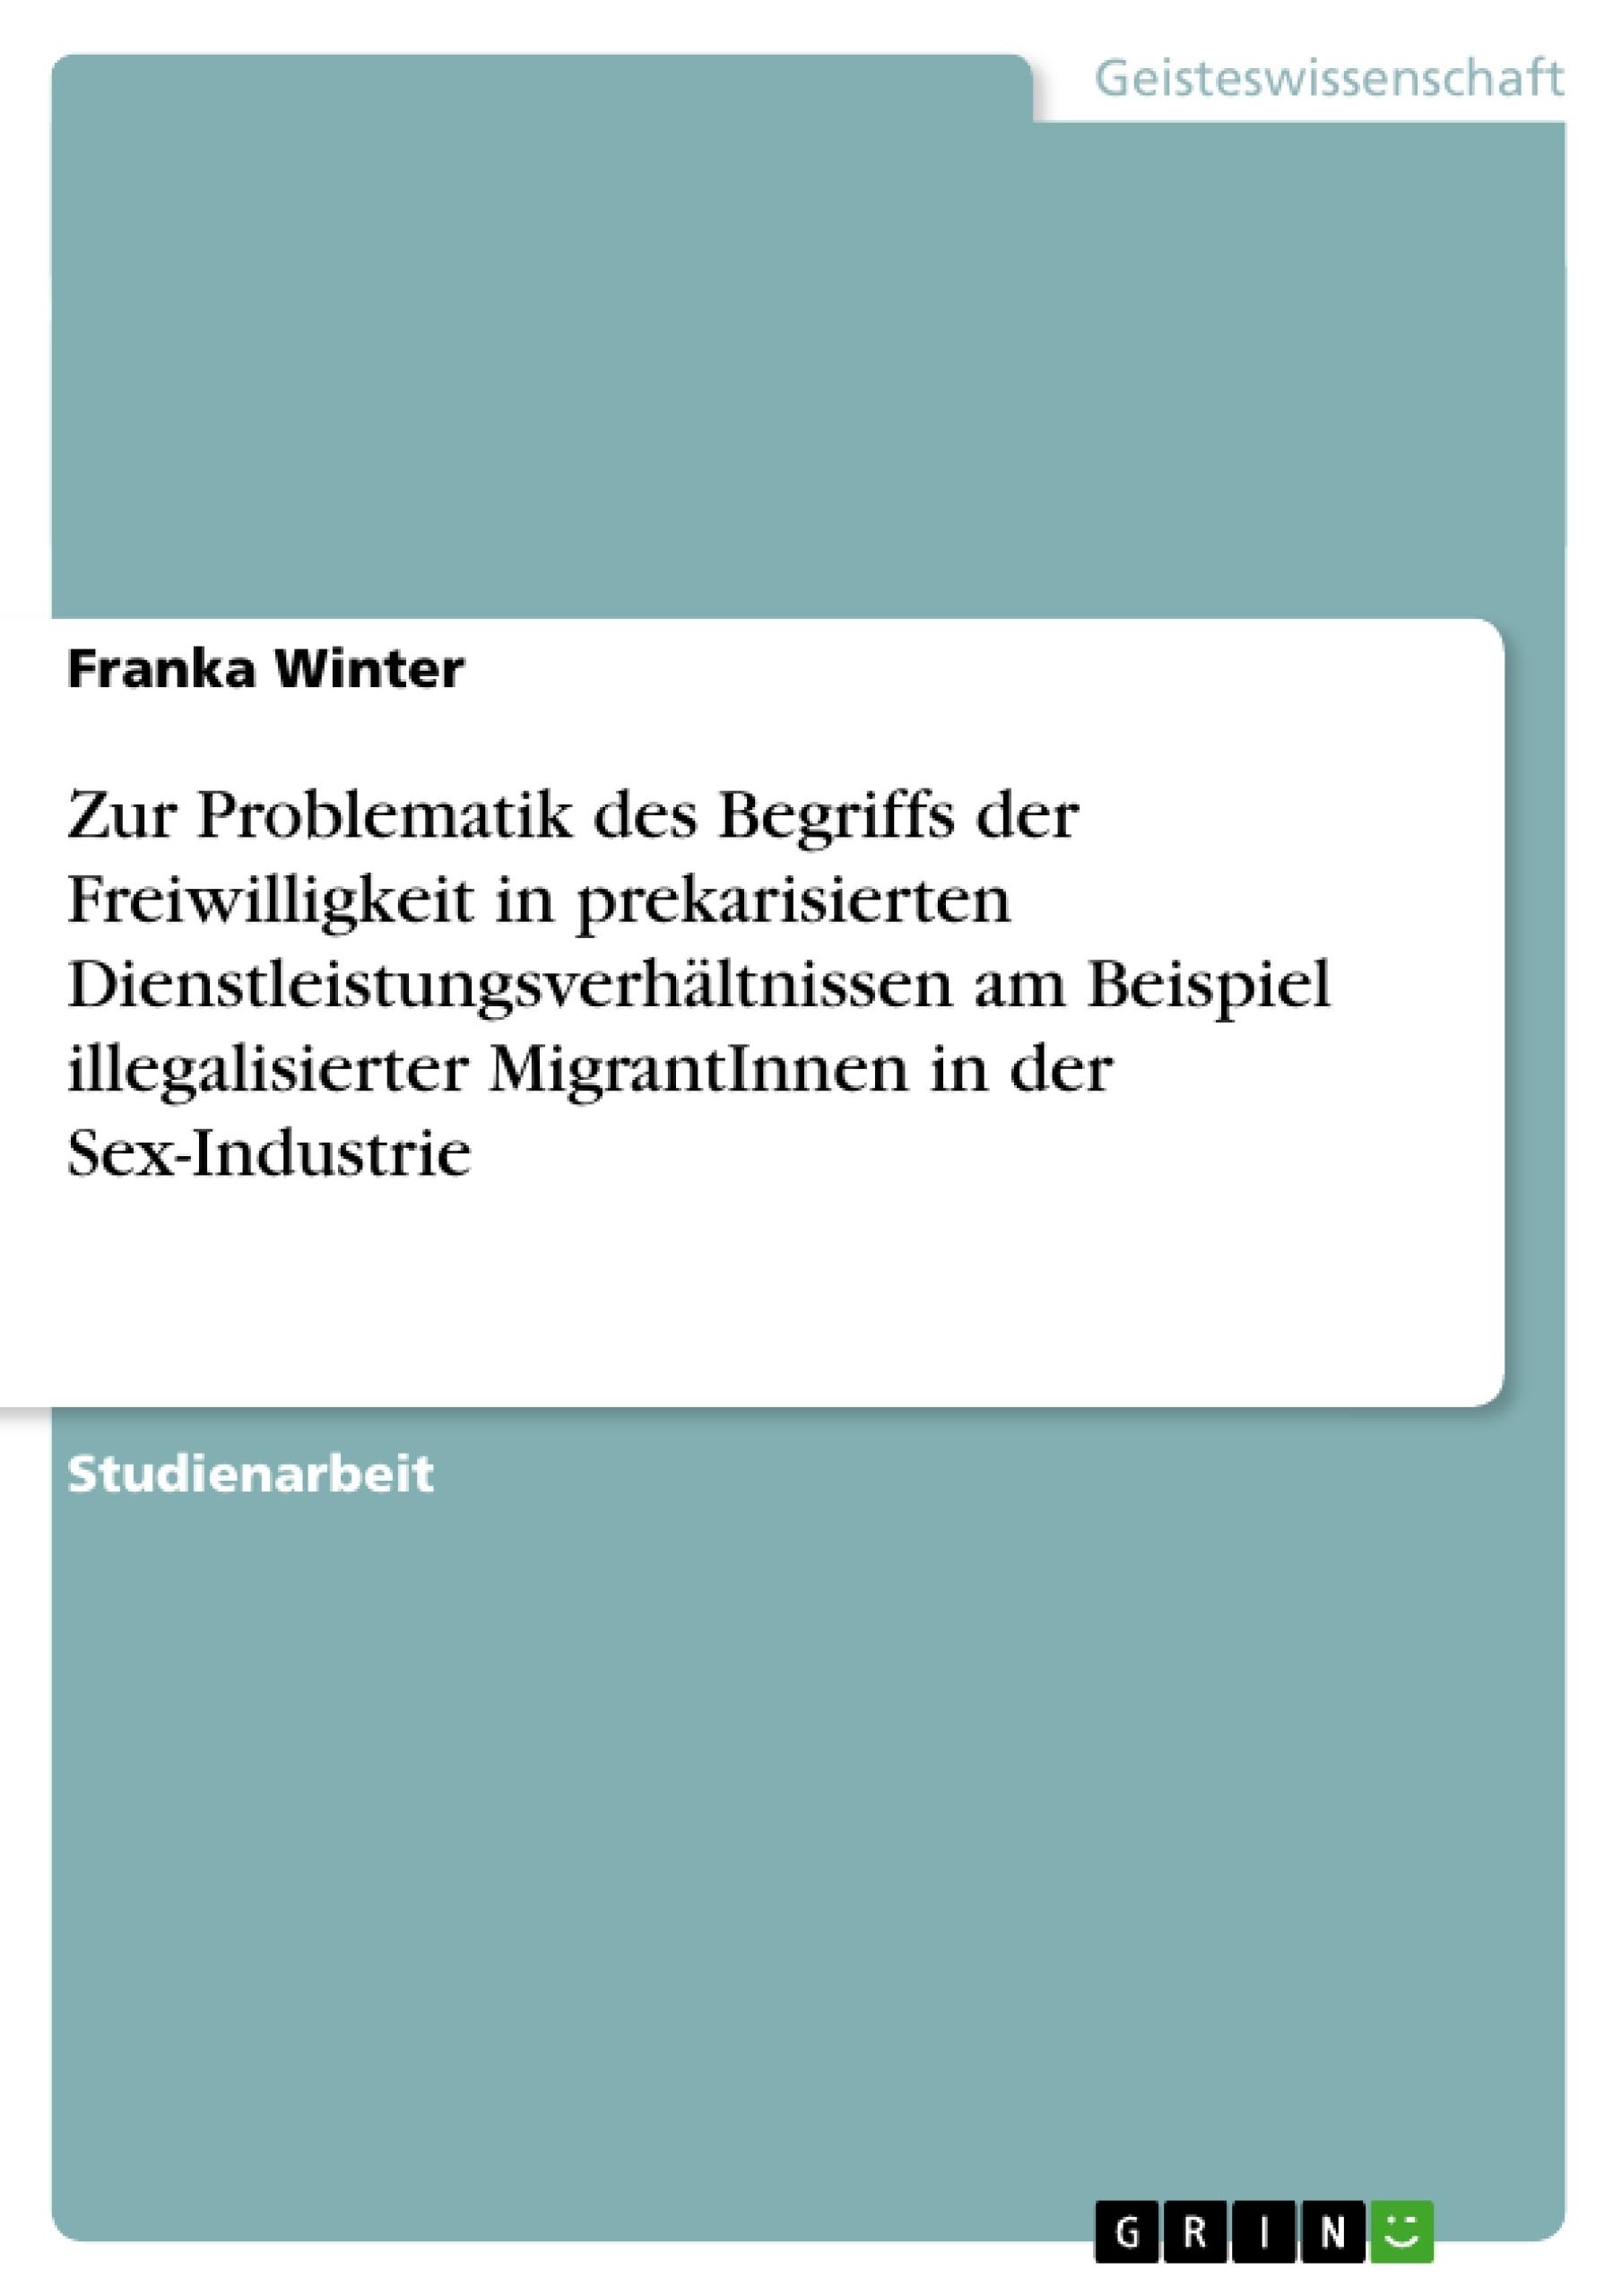 Titel: Zur Problematik des Begriffs der Freiwilligkeit in prekarisierten Dienstleistungsverhältnissen am Beispiel illegalisierter MigrantInnen in der Sex-Industrie